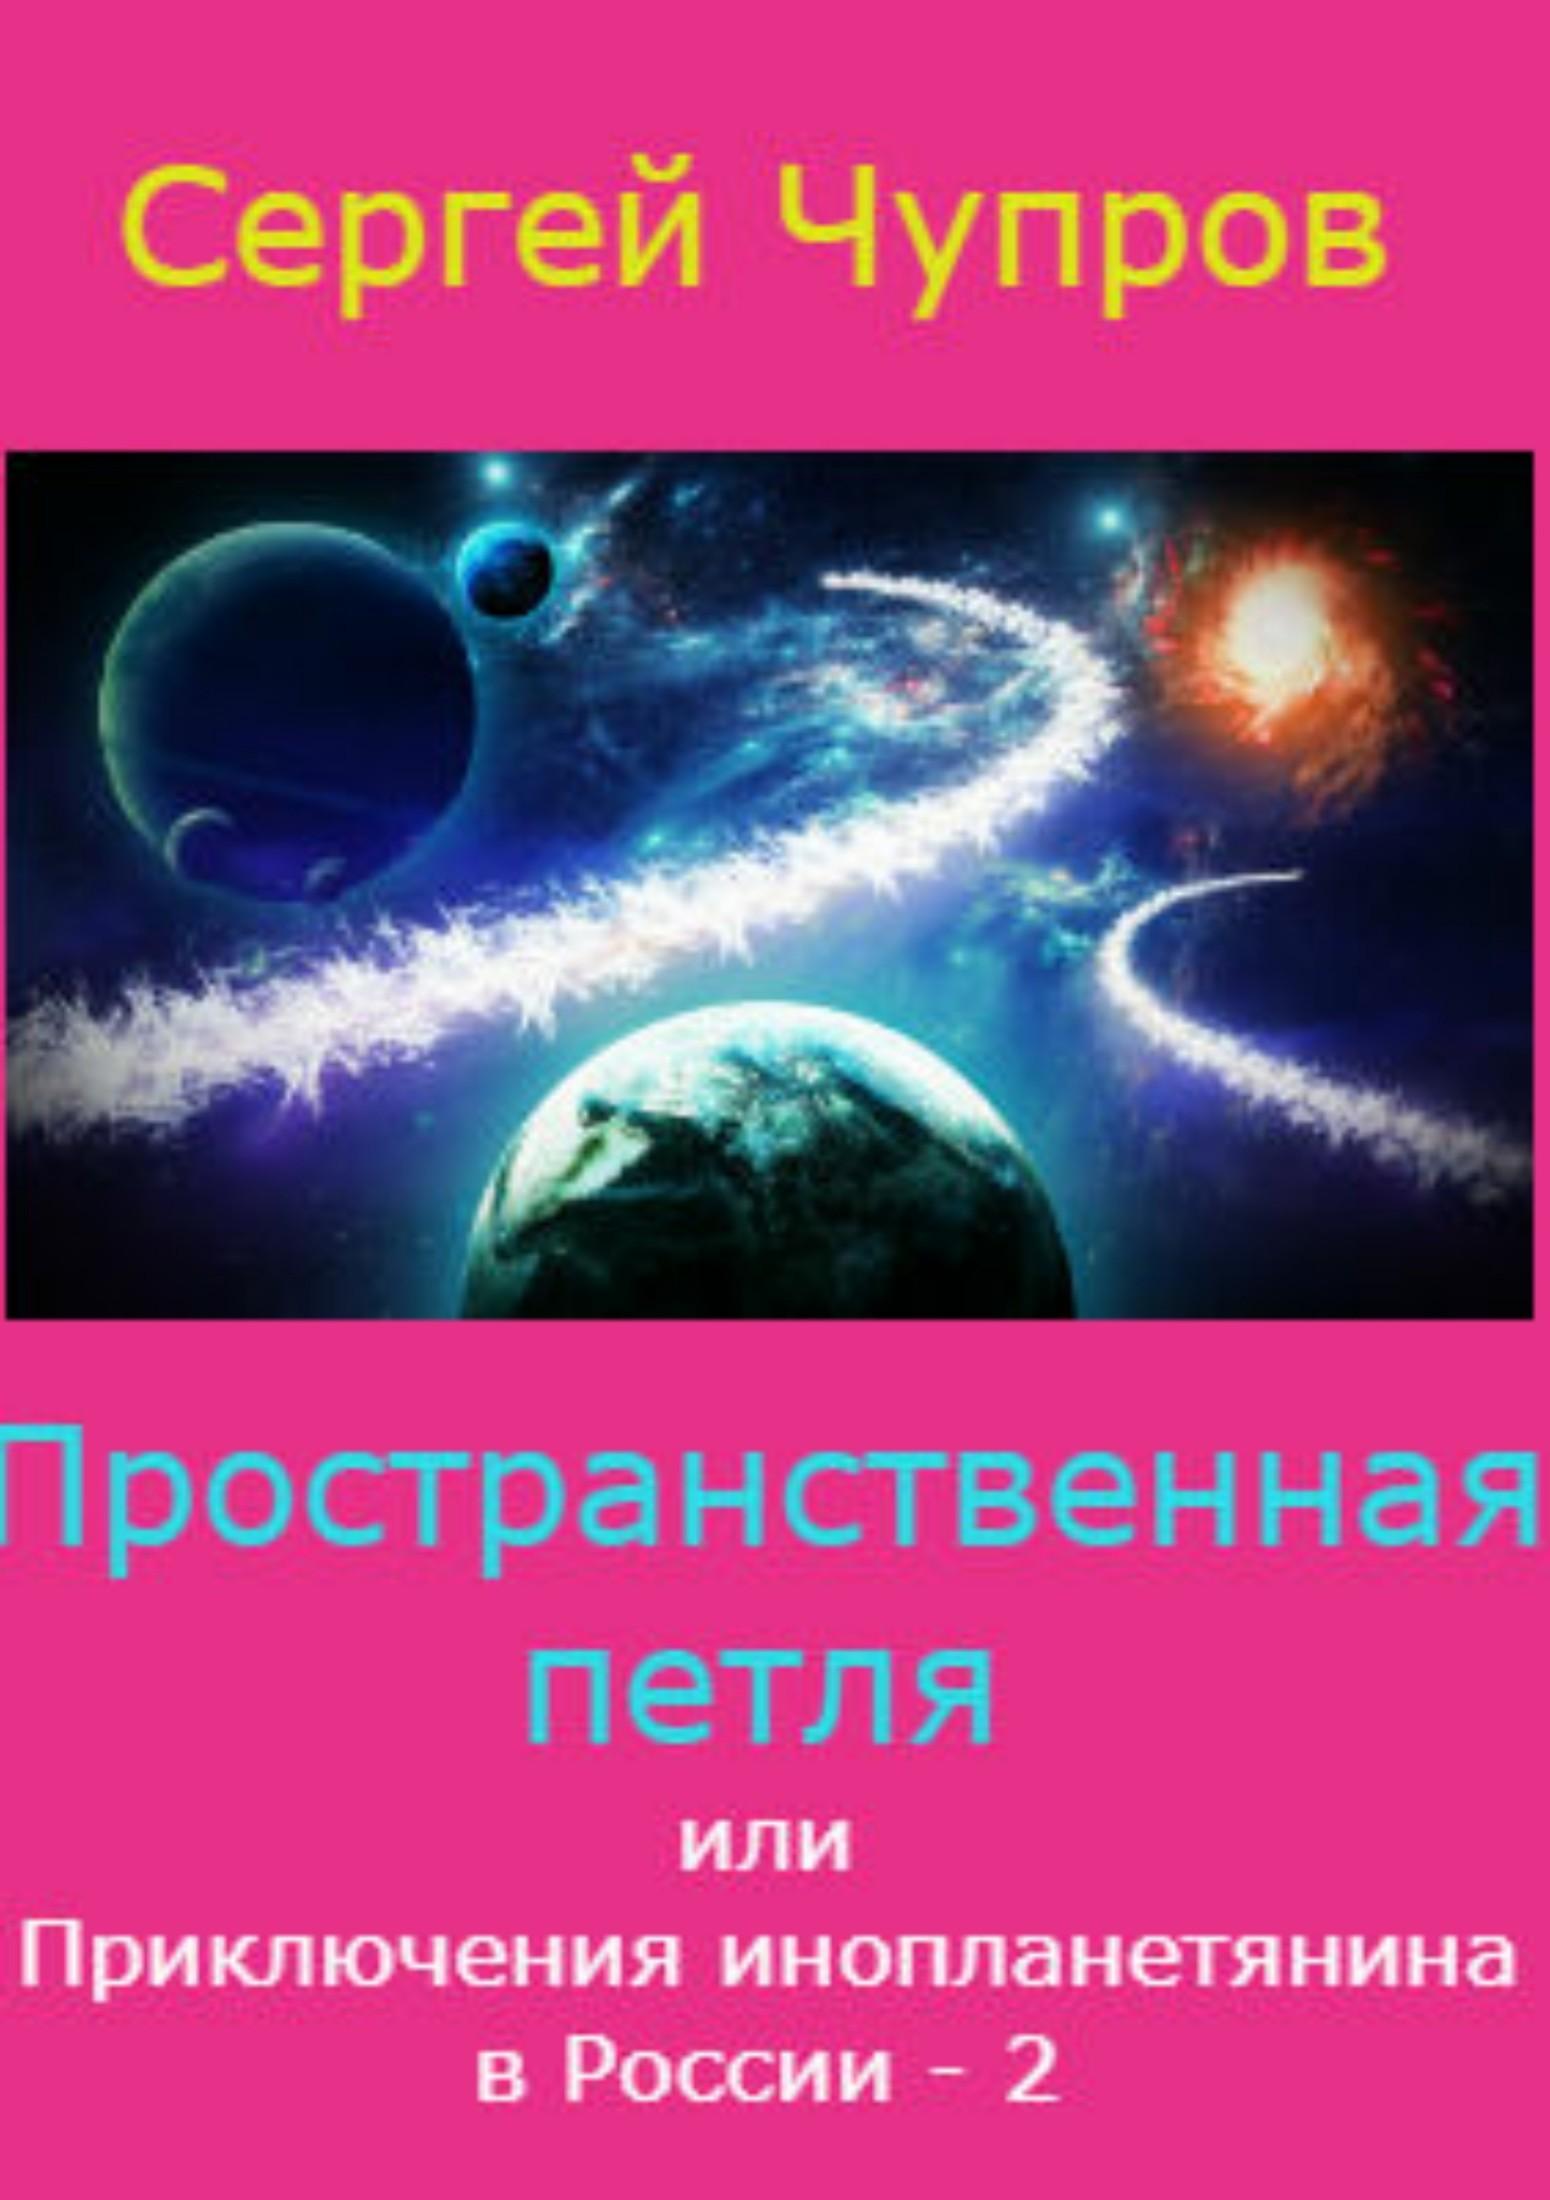 Сергей Чупров - Пространственная петля, или Приключения инопланетянина в России 2